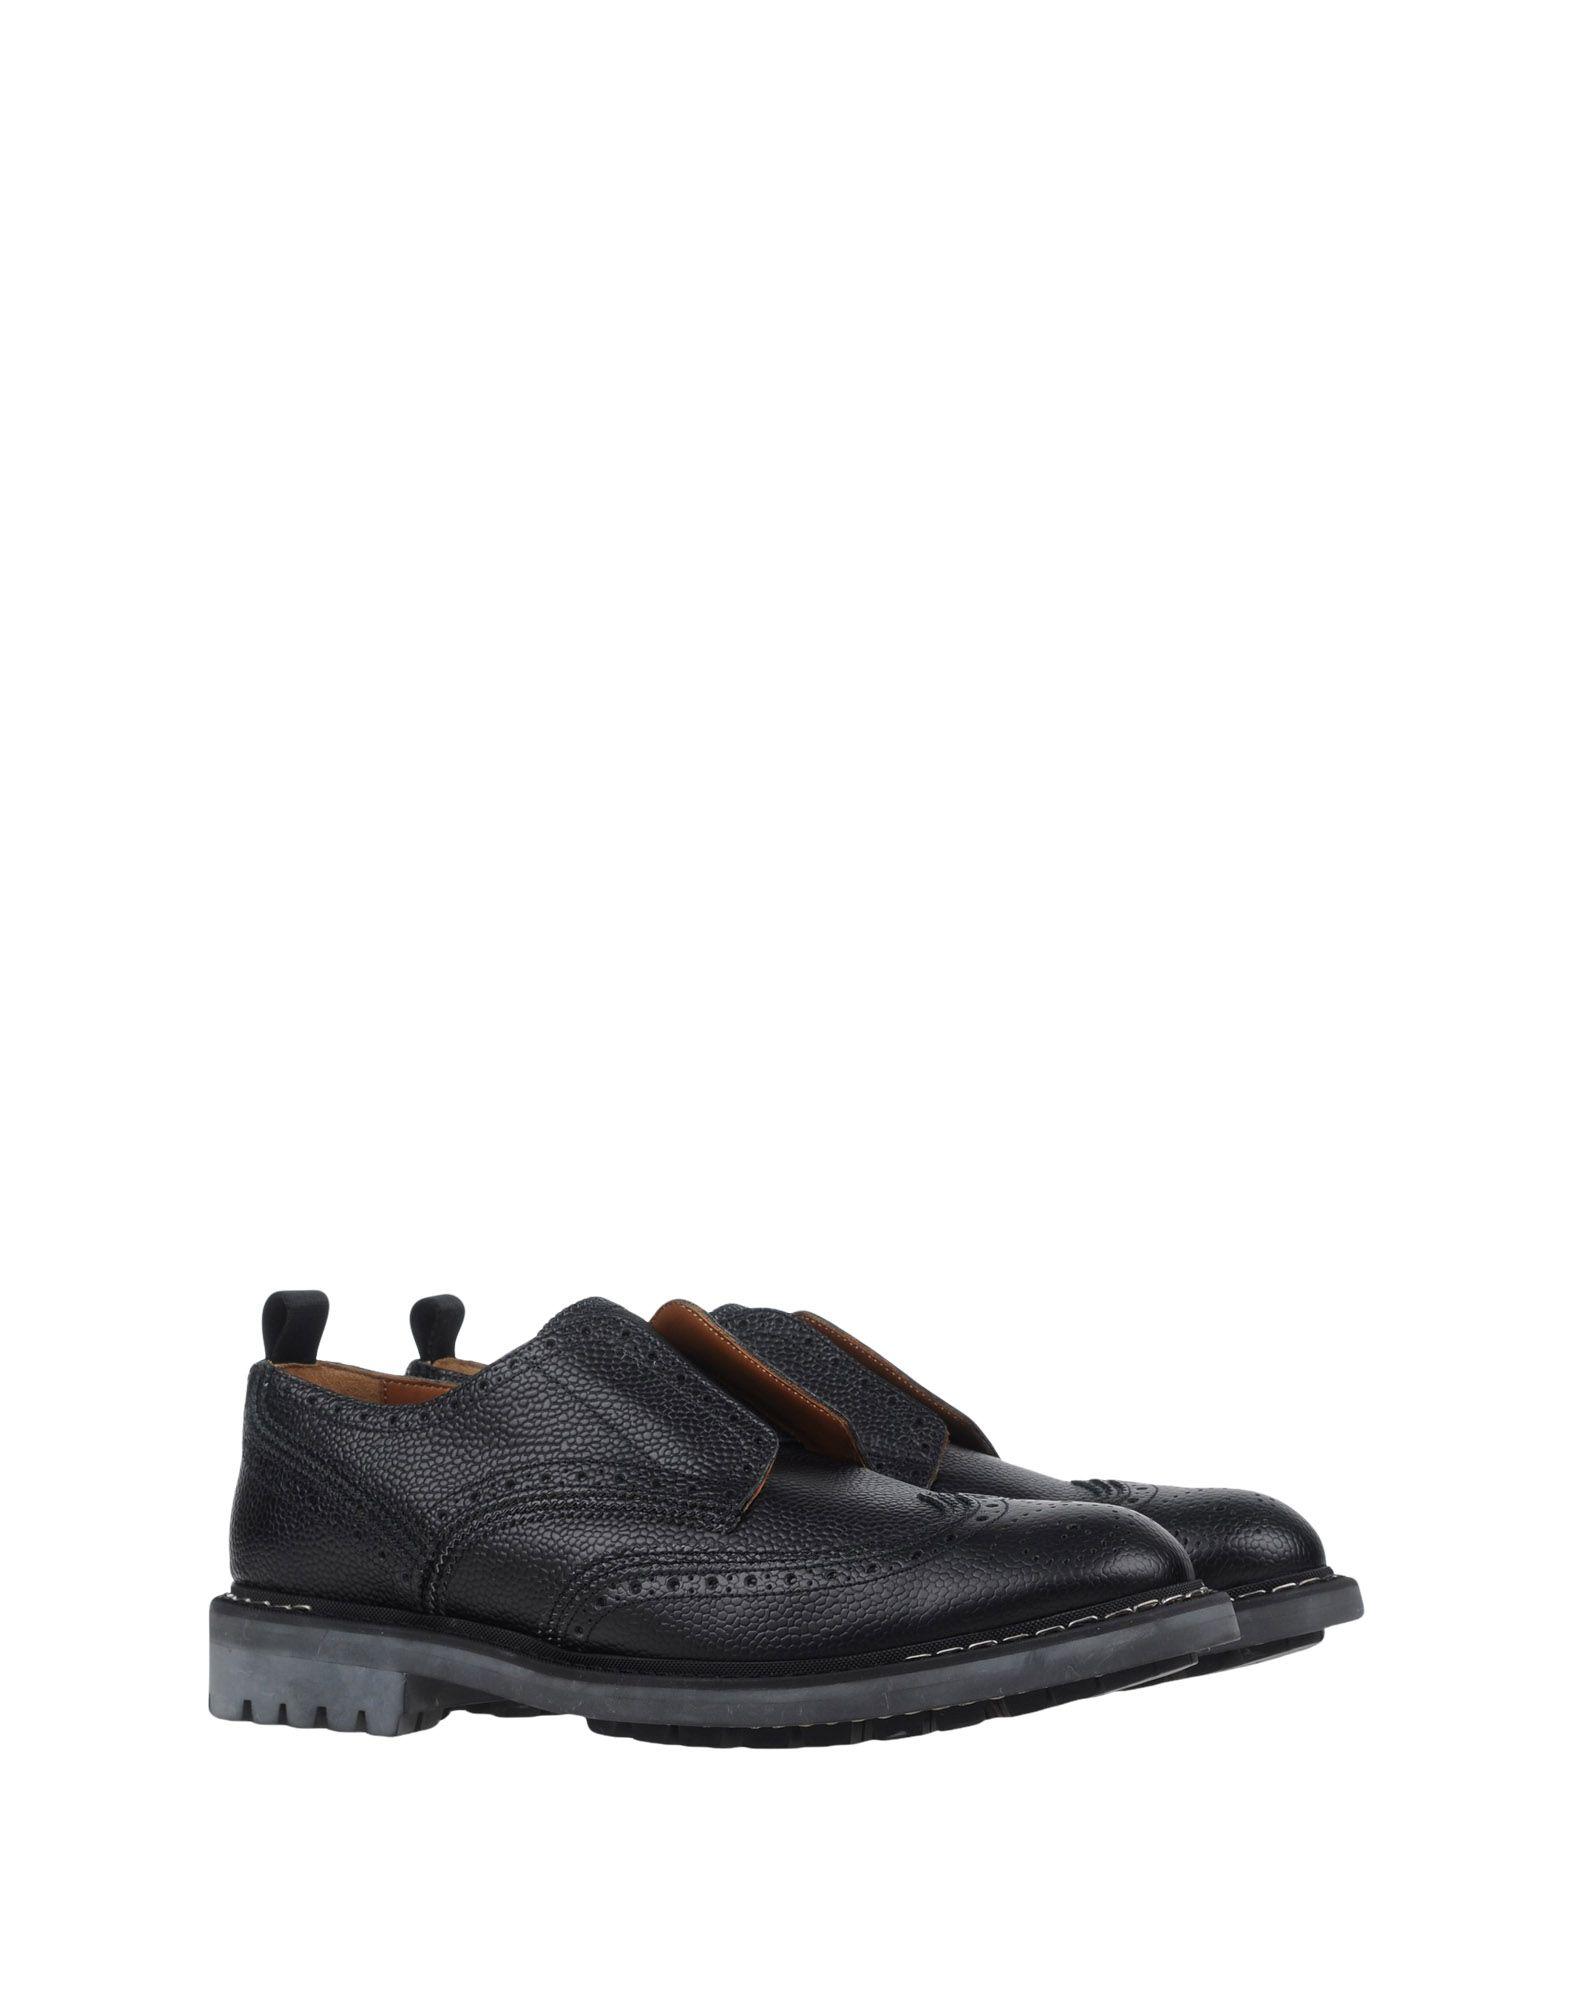 Givenchy Schnürschuhe Qualität Herren  44956569BB Gute Qualität Schnürschuhe beliebte Schuhe 433d74